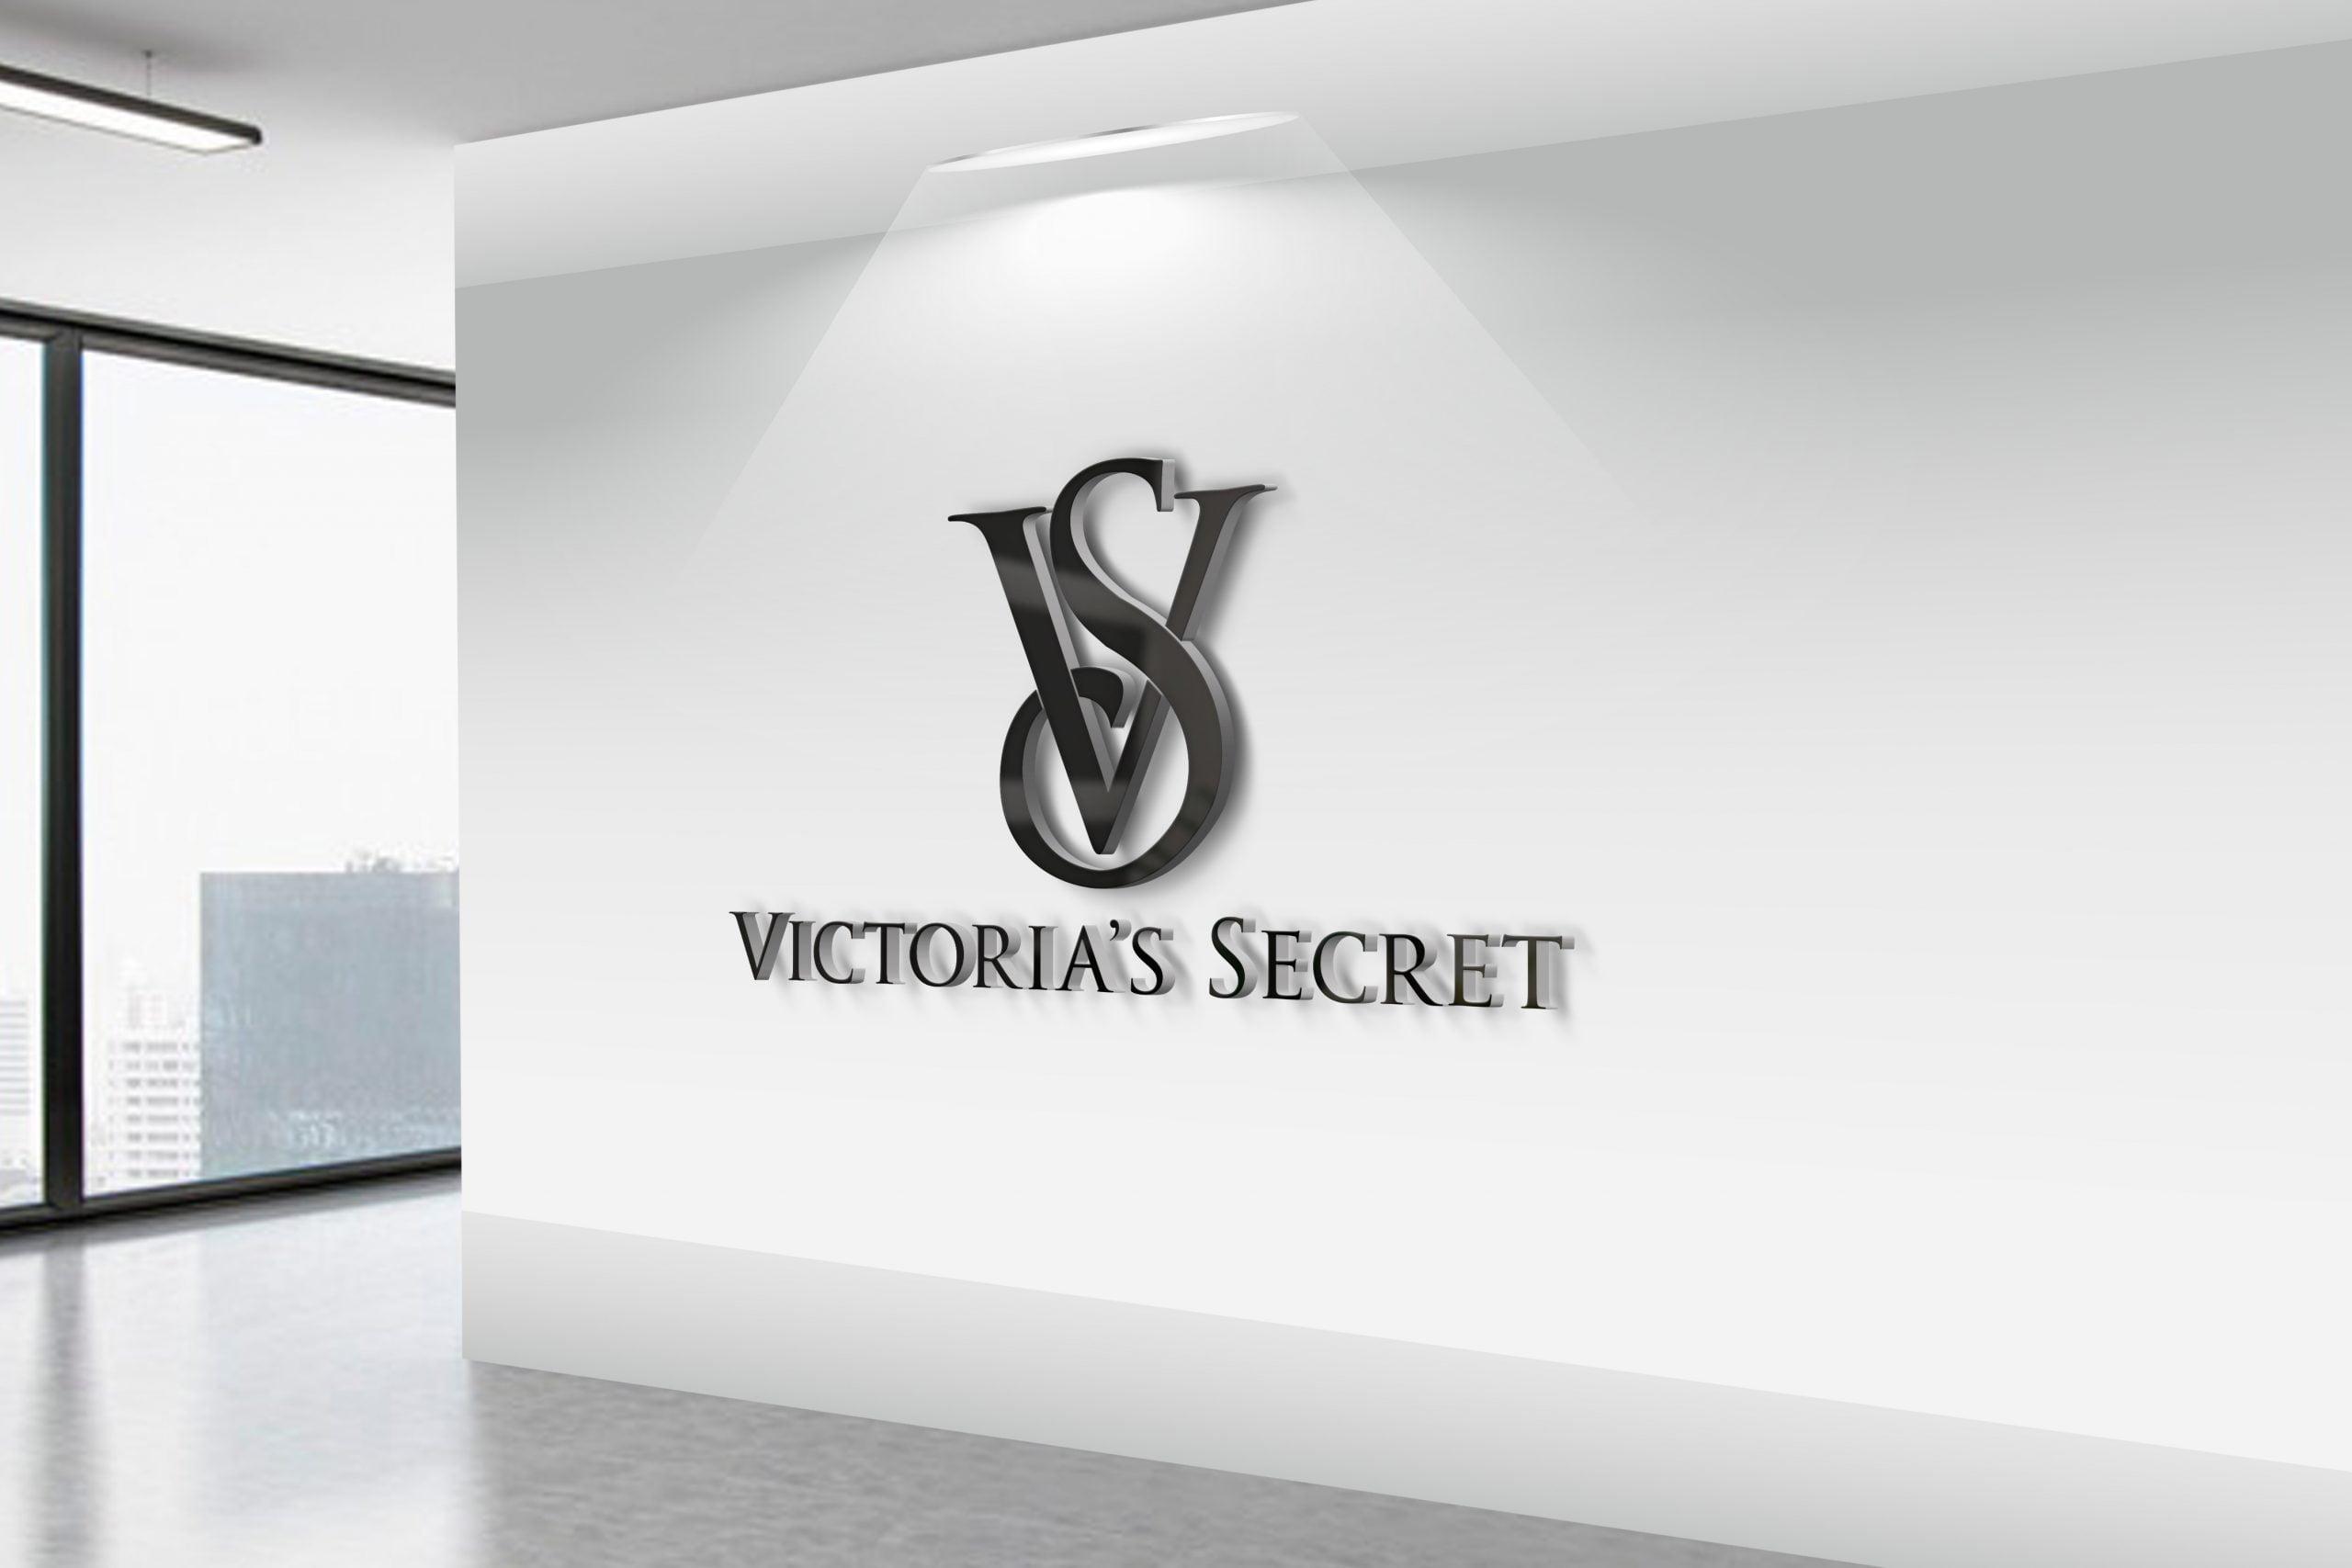 Victoria's-Secret-3D-Wall-Logo-MockUp